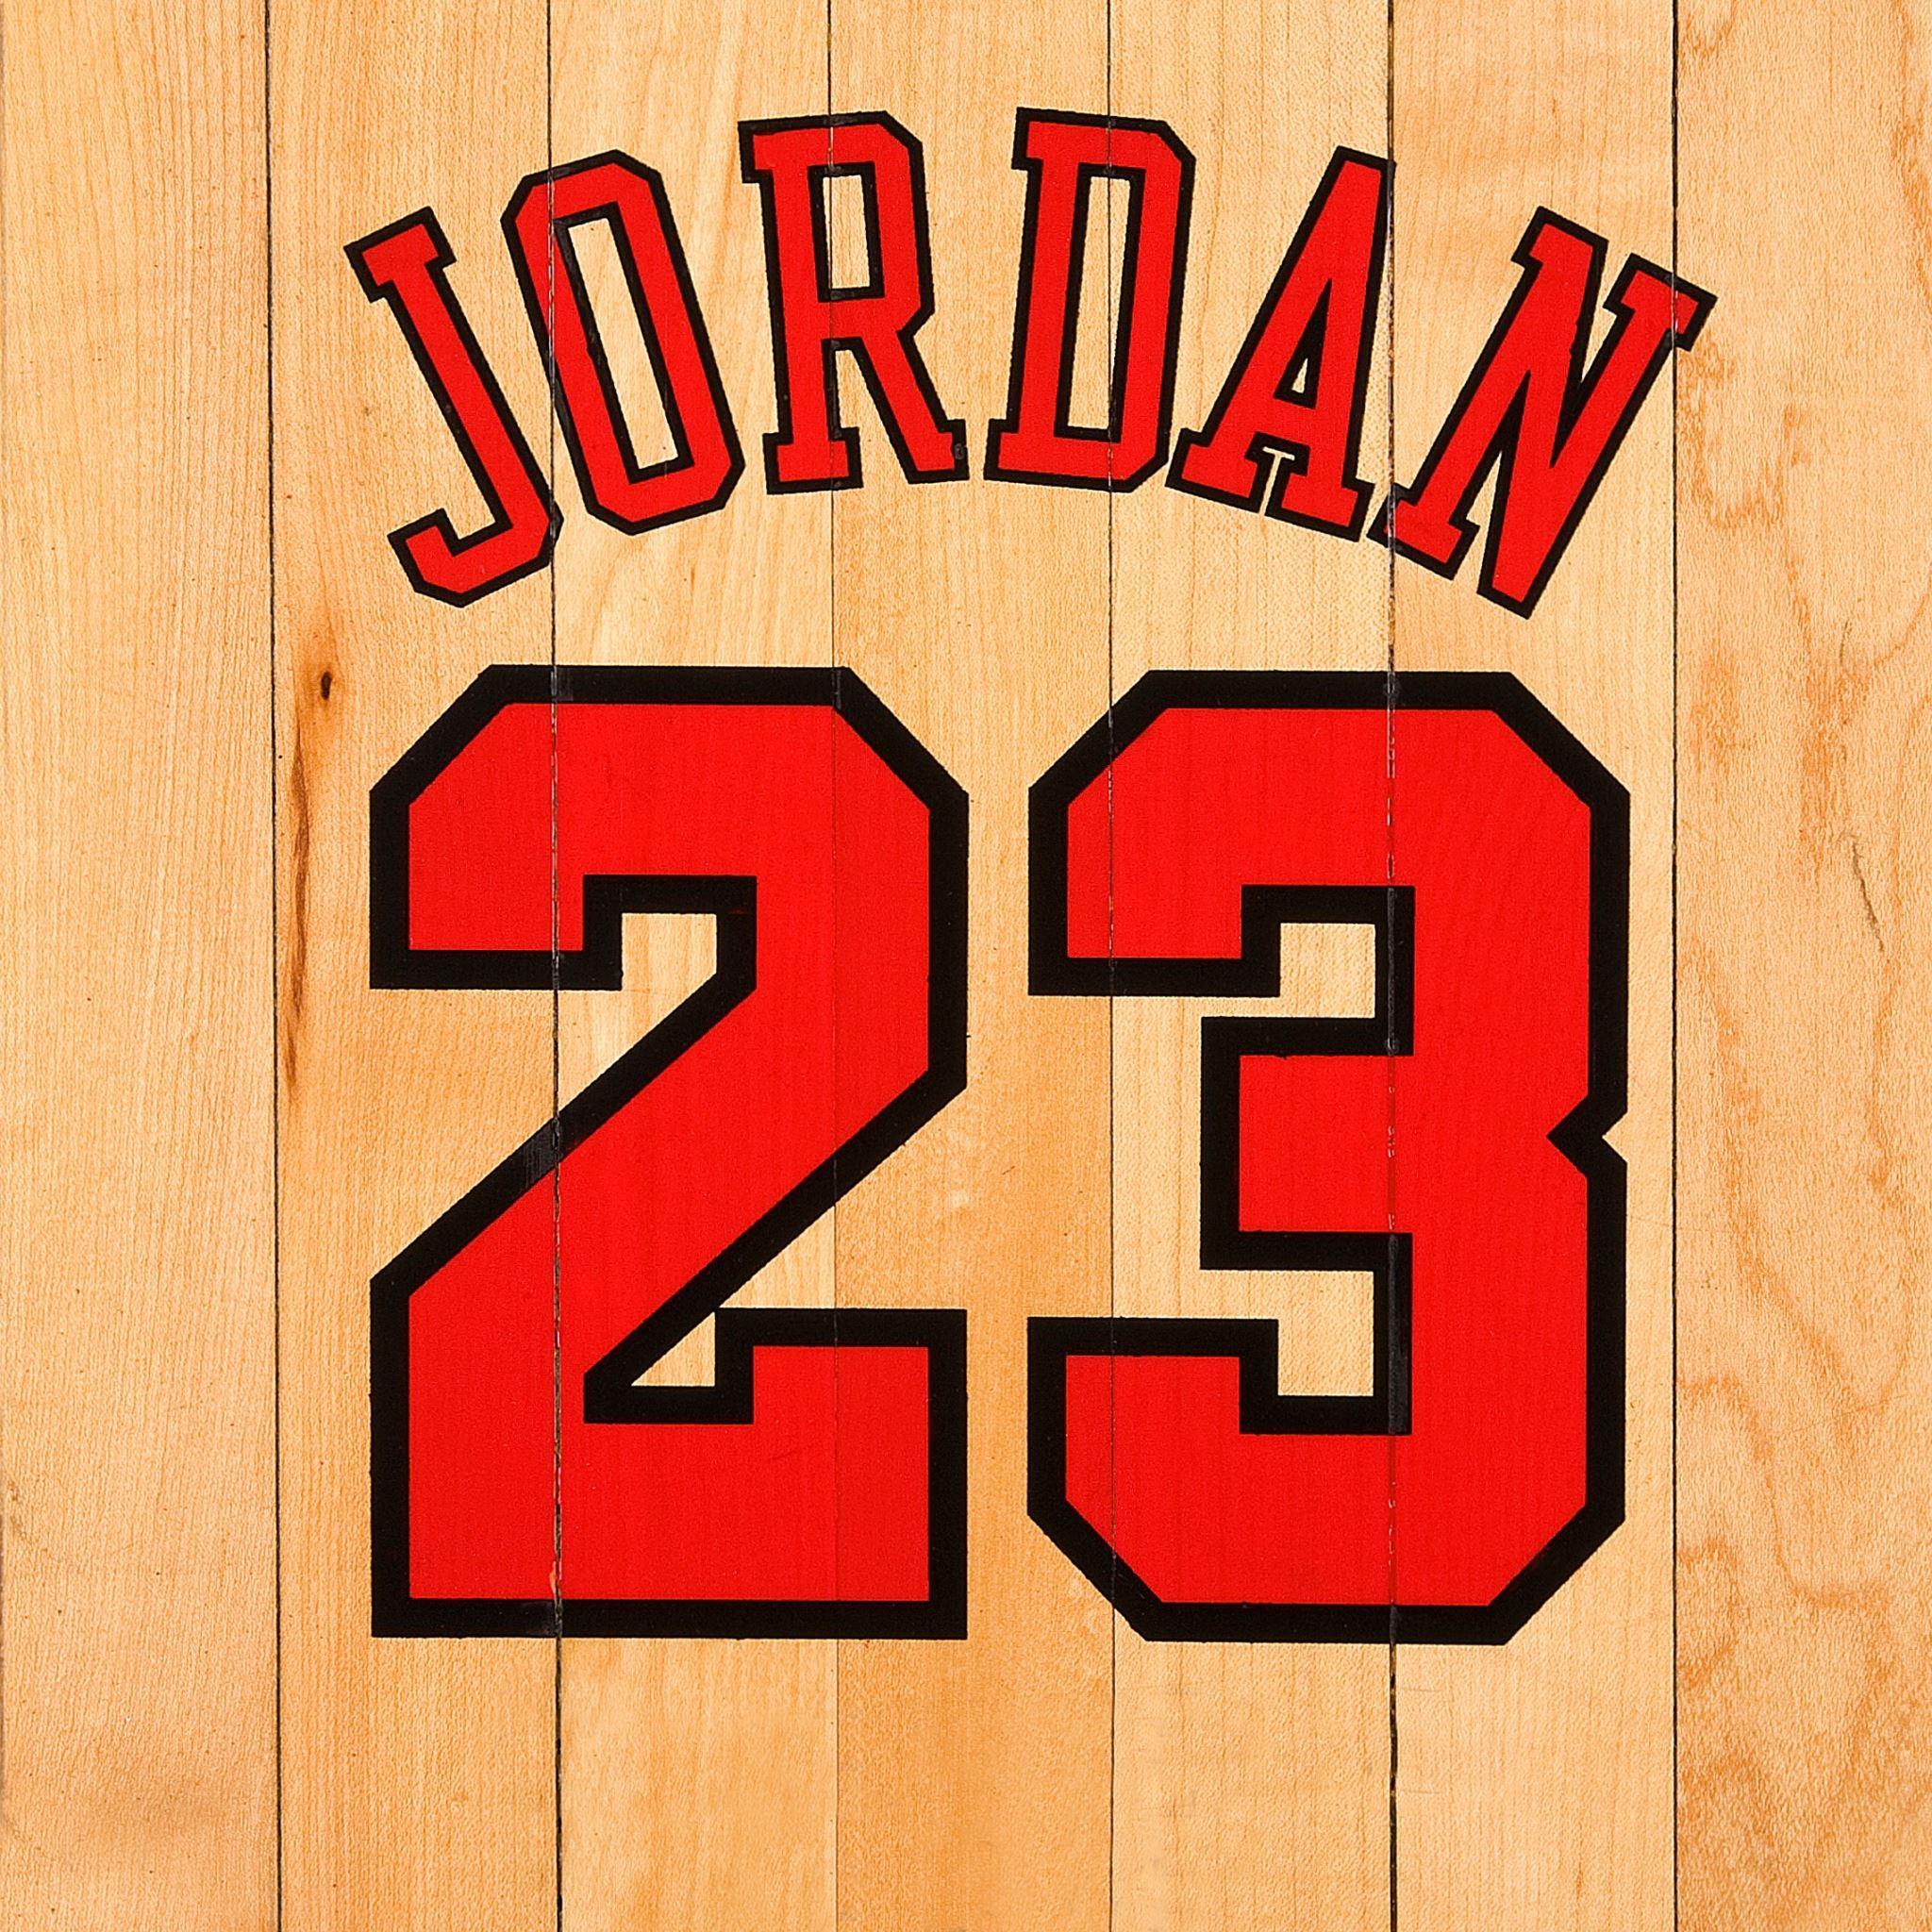 Michael Jordan Chicago Bulls Number Name NBA Basketball Boards iPad Air wallpaper